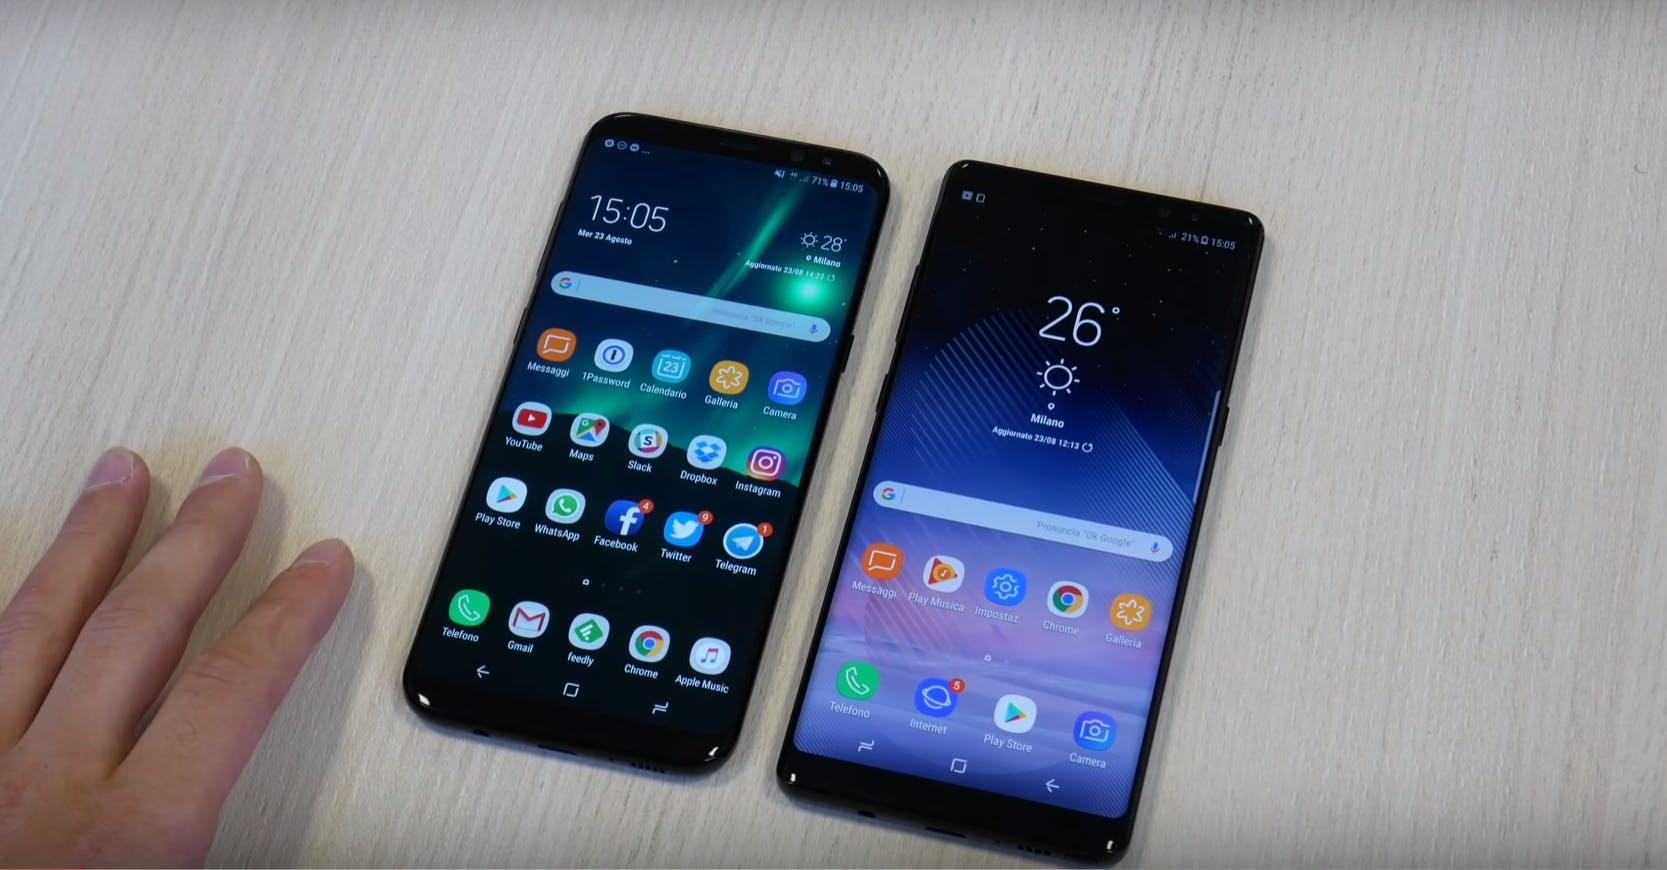 samsung galaxy note 8 vs galaxy s8+ smartphone comparison